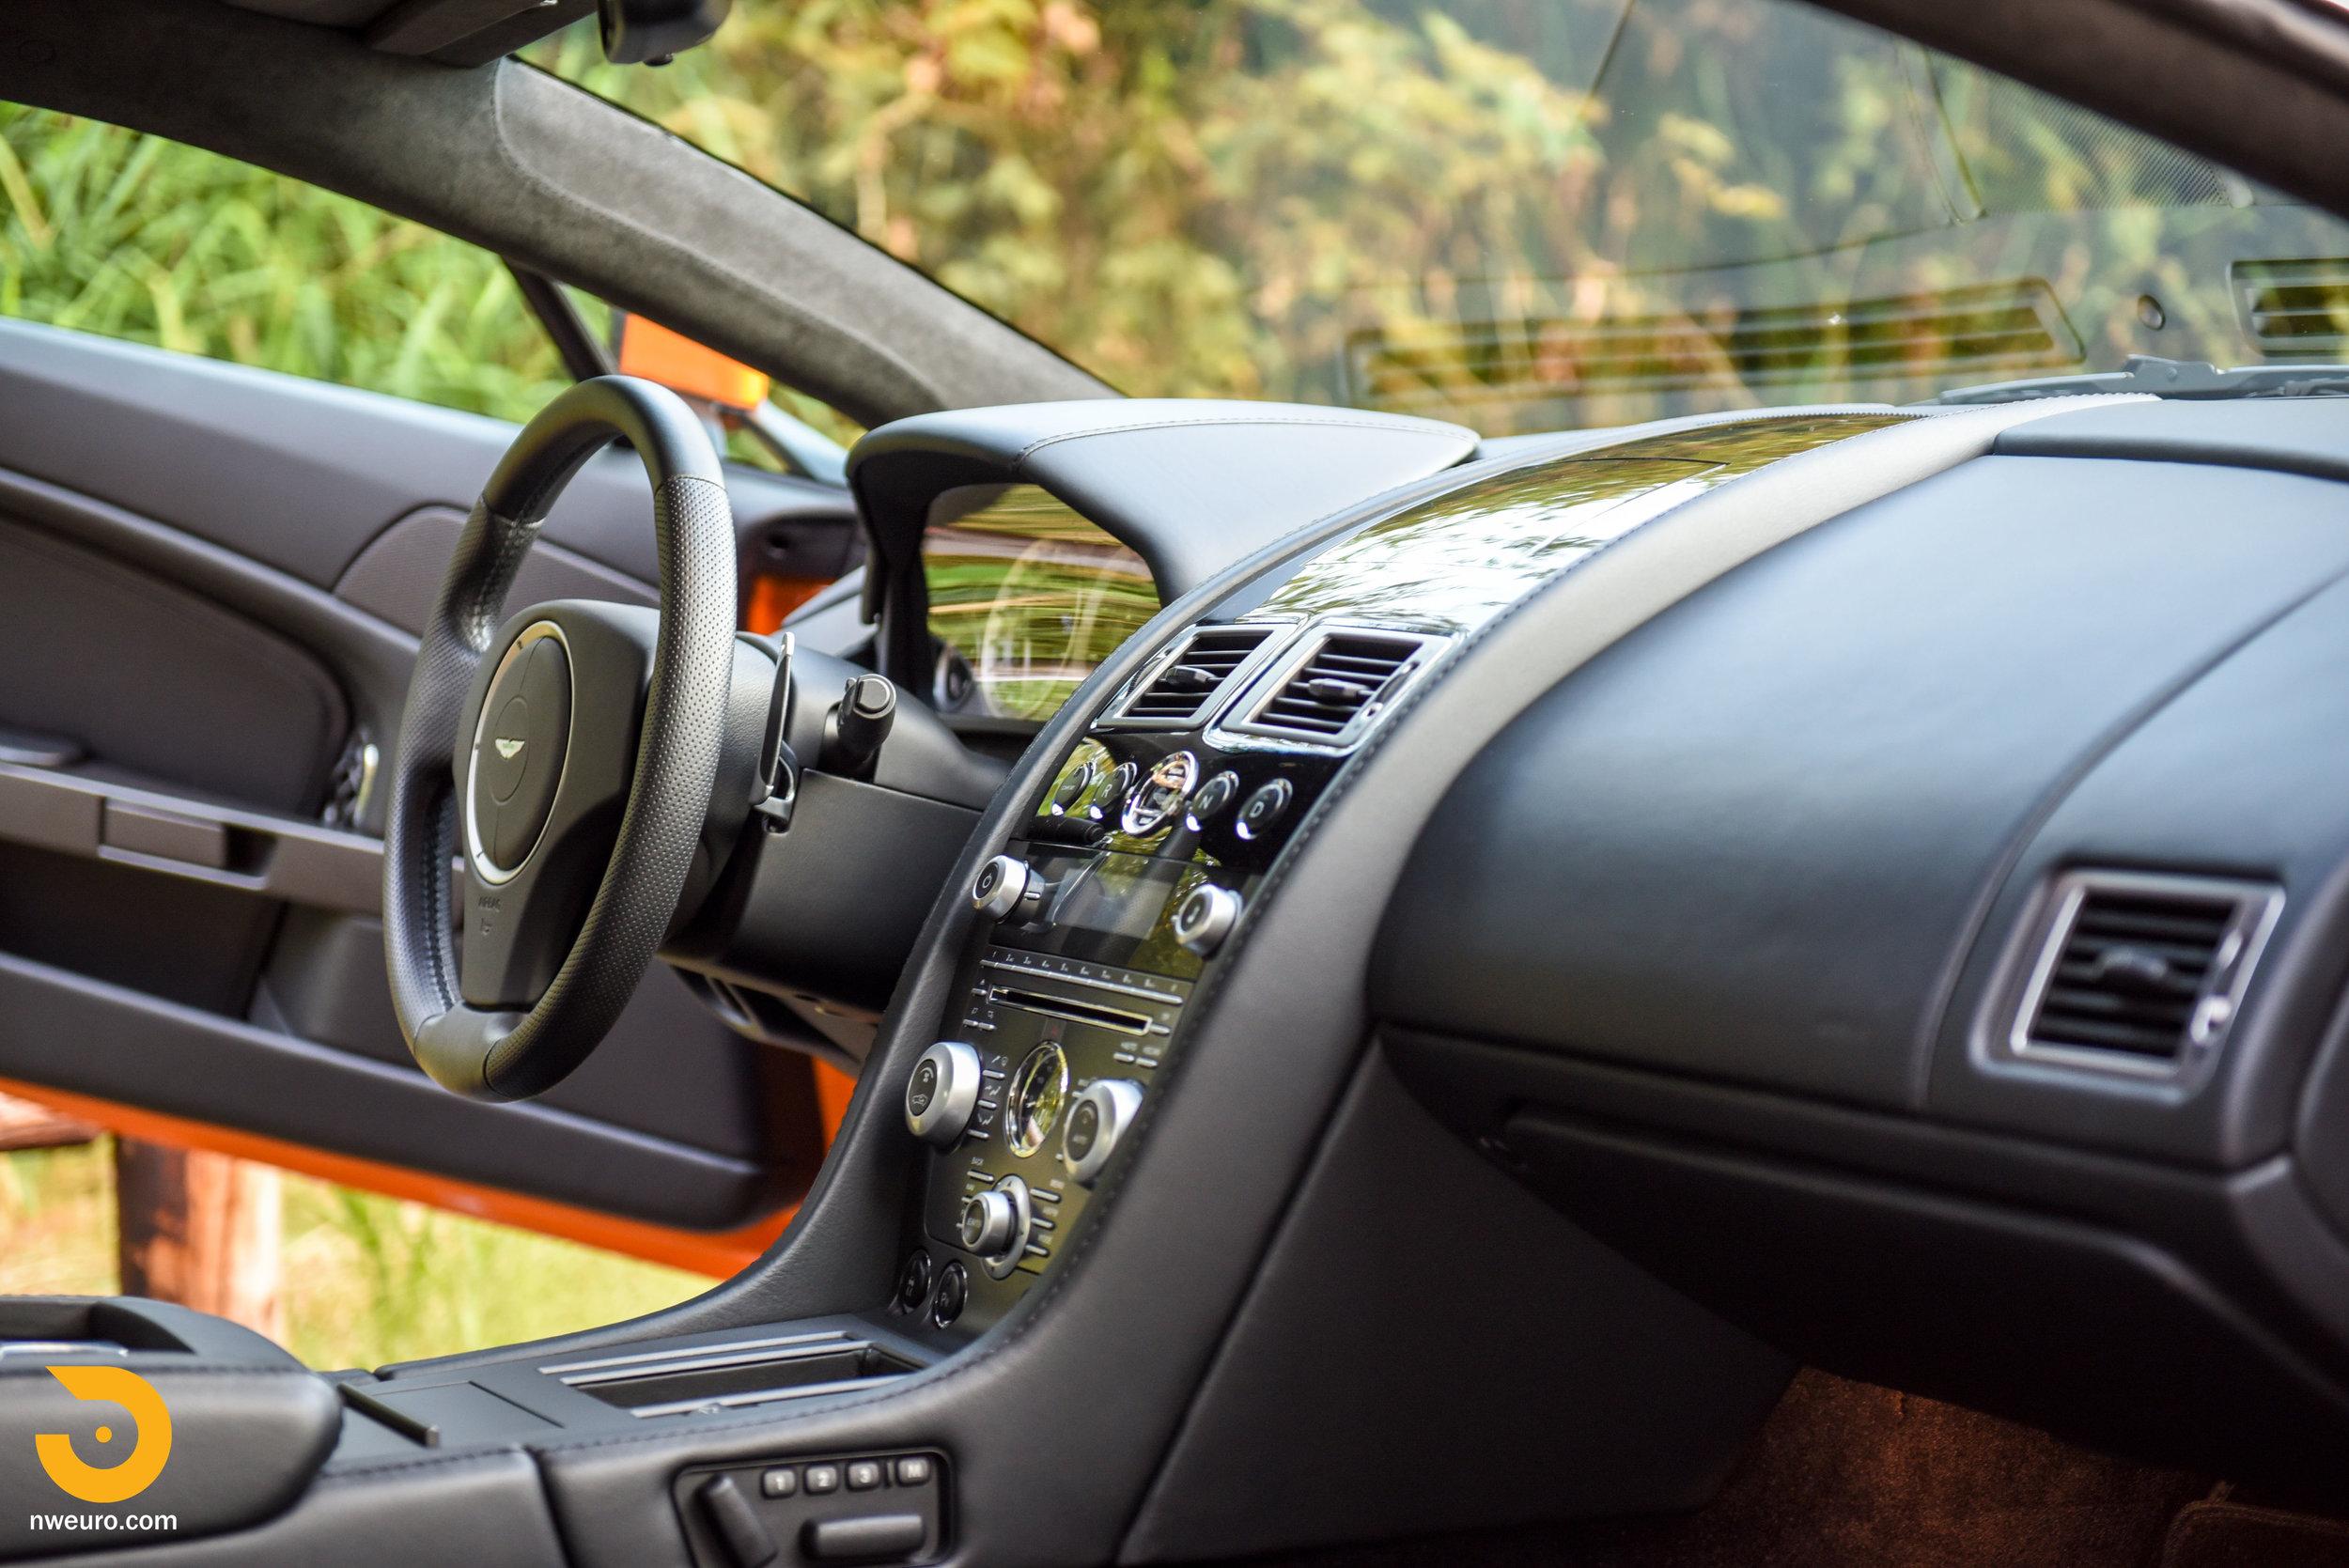 2009 Aston Martin V8 Vantage-22.jpg